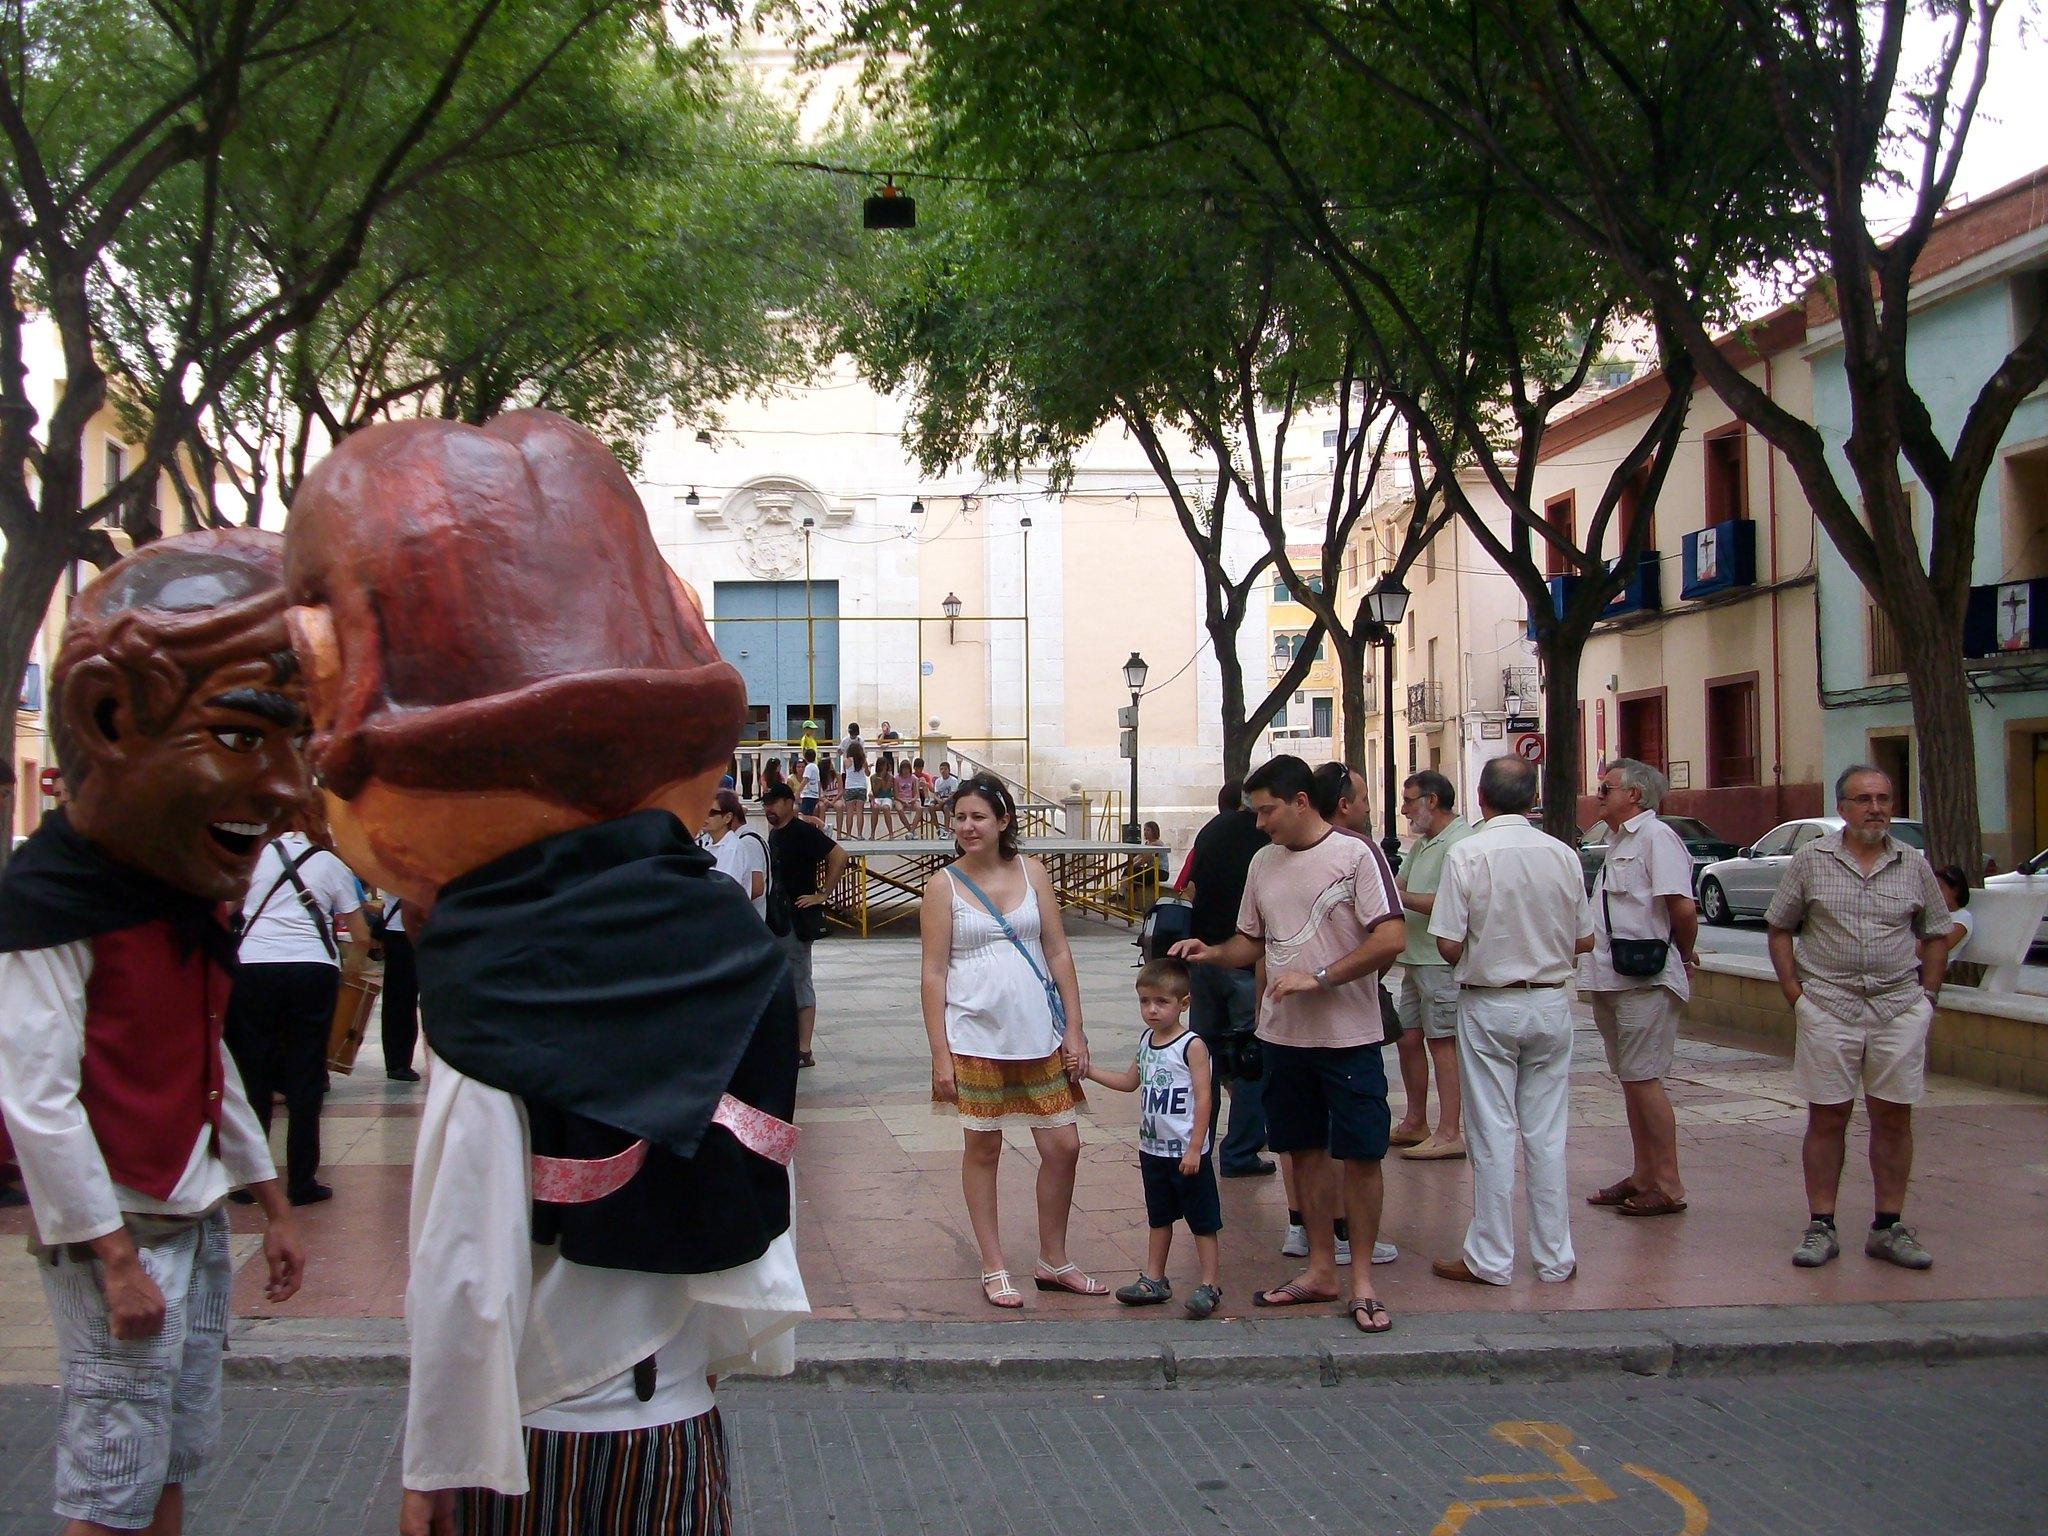 (2011-07-03) - Pasacalle Gent de Nanos -  José Vicente Romero Ripoll (04)